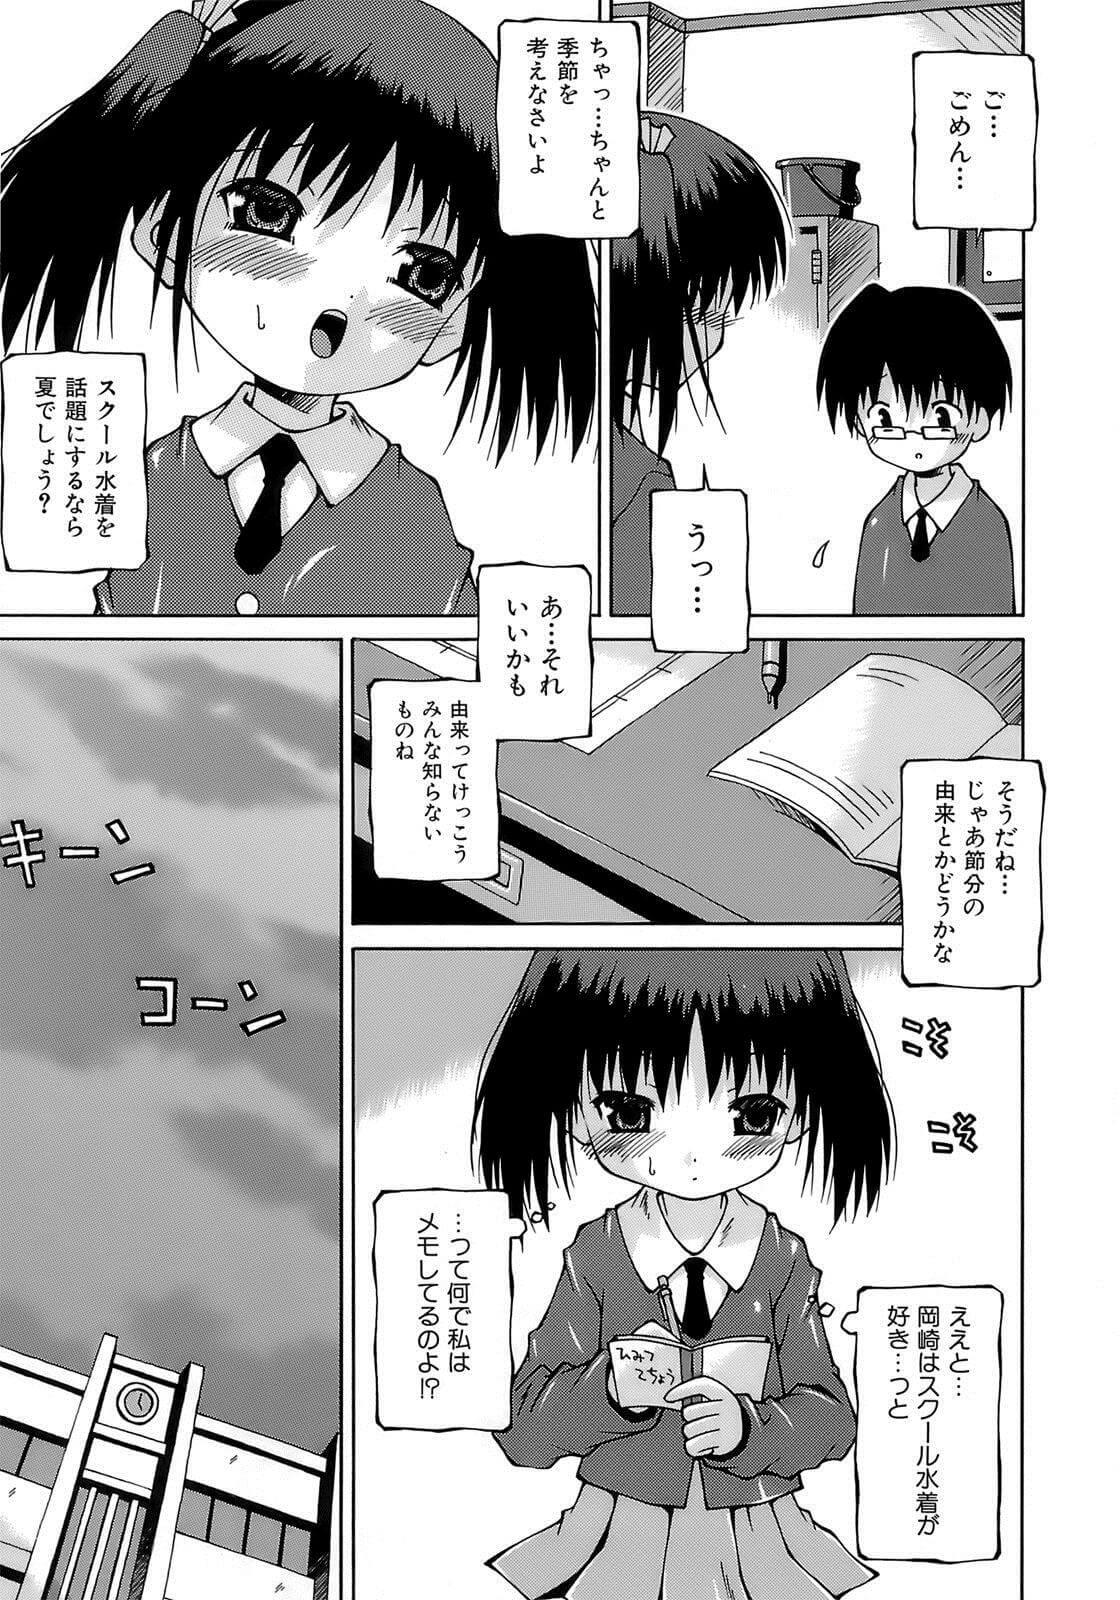 【エロ漫画】JCのツンデレ委員長が帰りにおしっこしたくなってチラ見してたら舐めさせられて…!【無料 エロ同人】 (3)